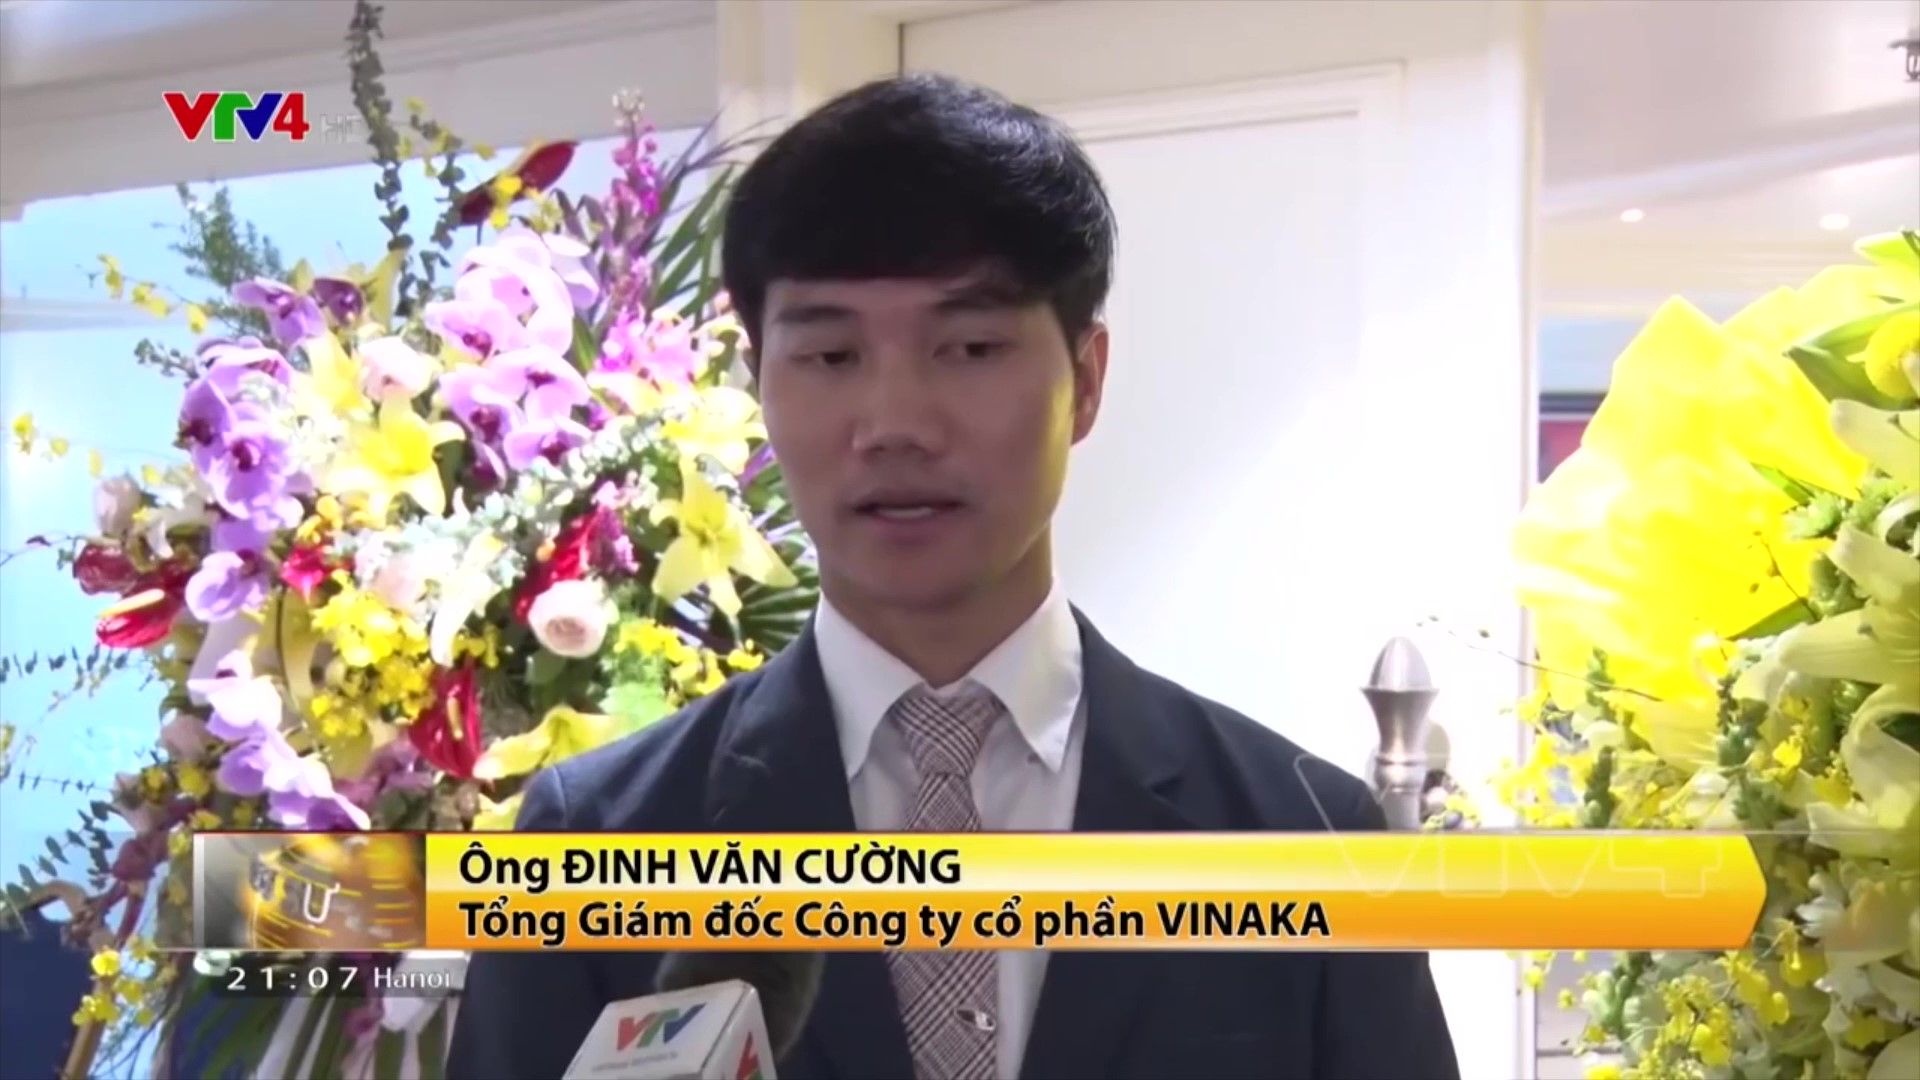 Nỗi trăn trở của người con Việt tại Hàn